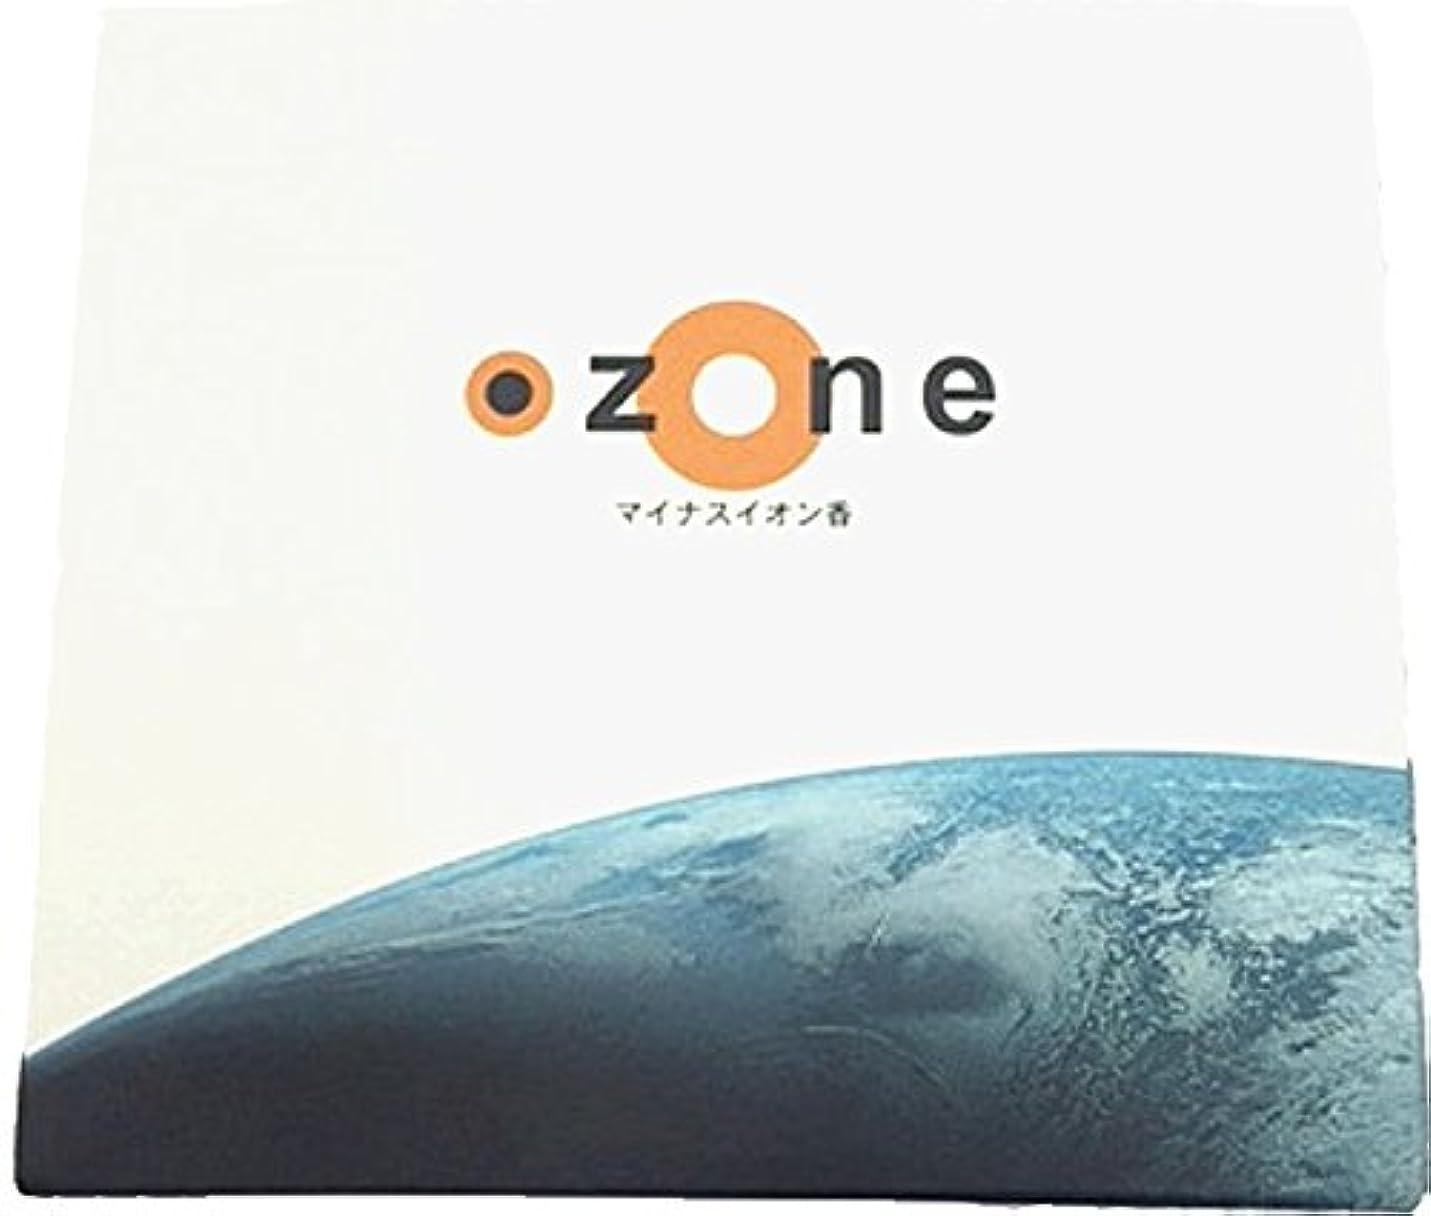 驚きメジャー小包悠々庵 OZONE 箱型 ホワイトムスク